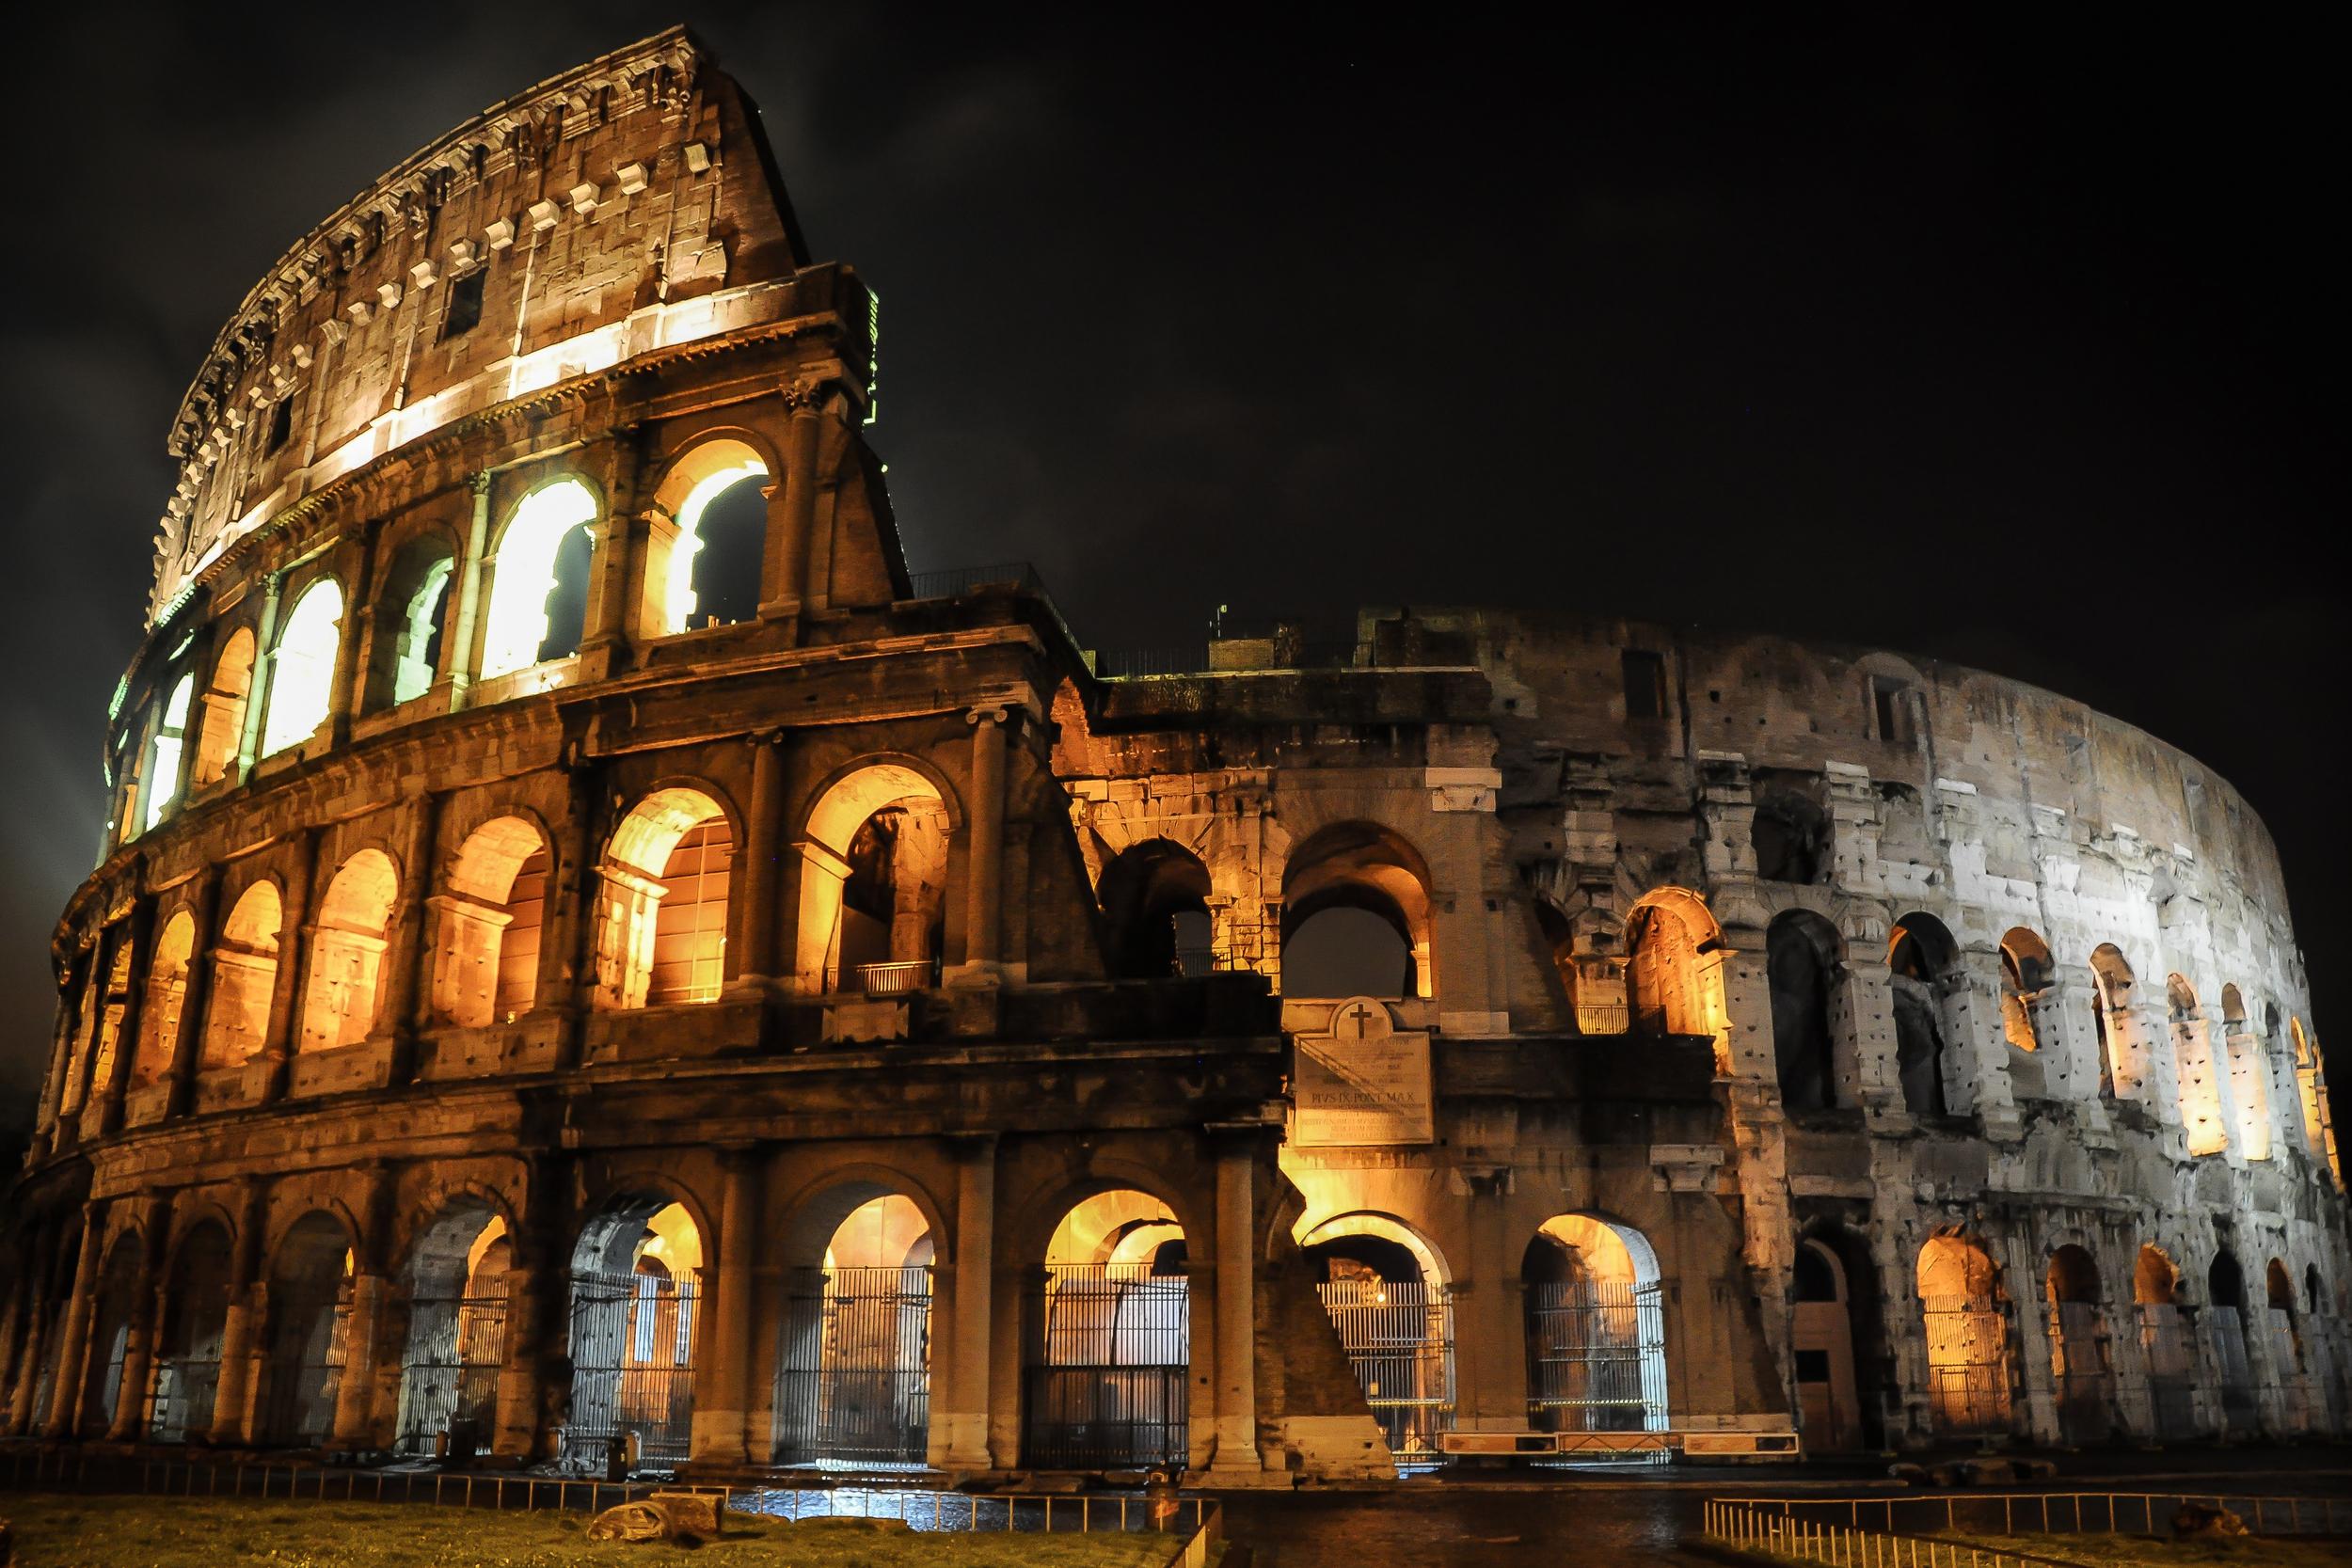 Empire - Collessium (Rome, Italy)